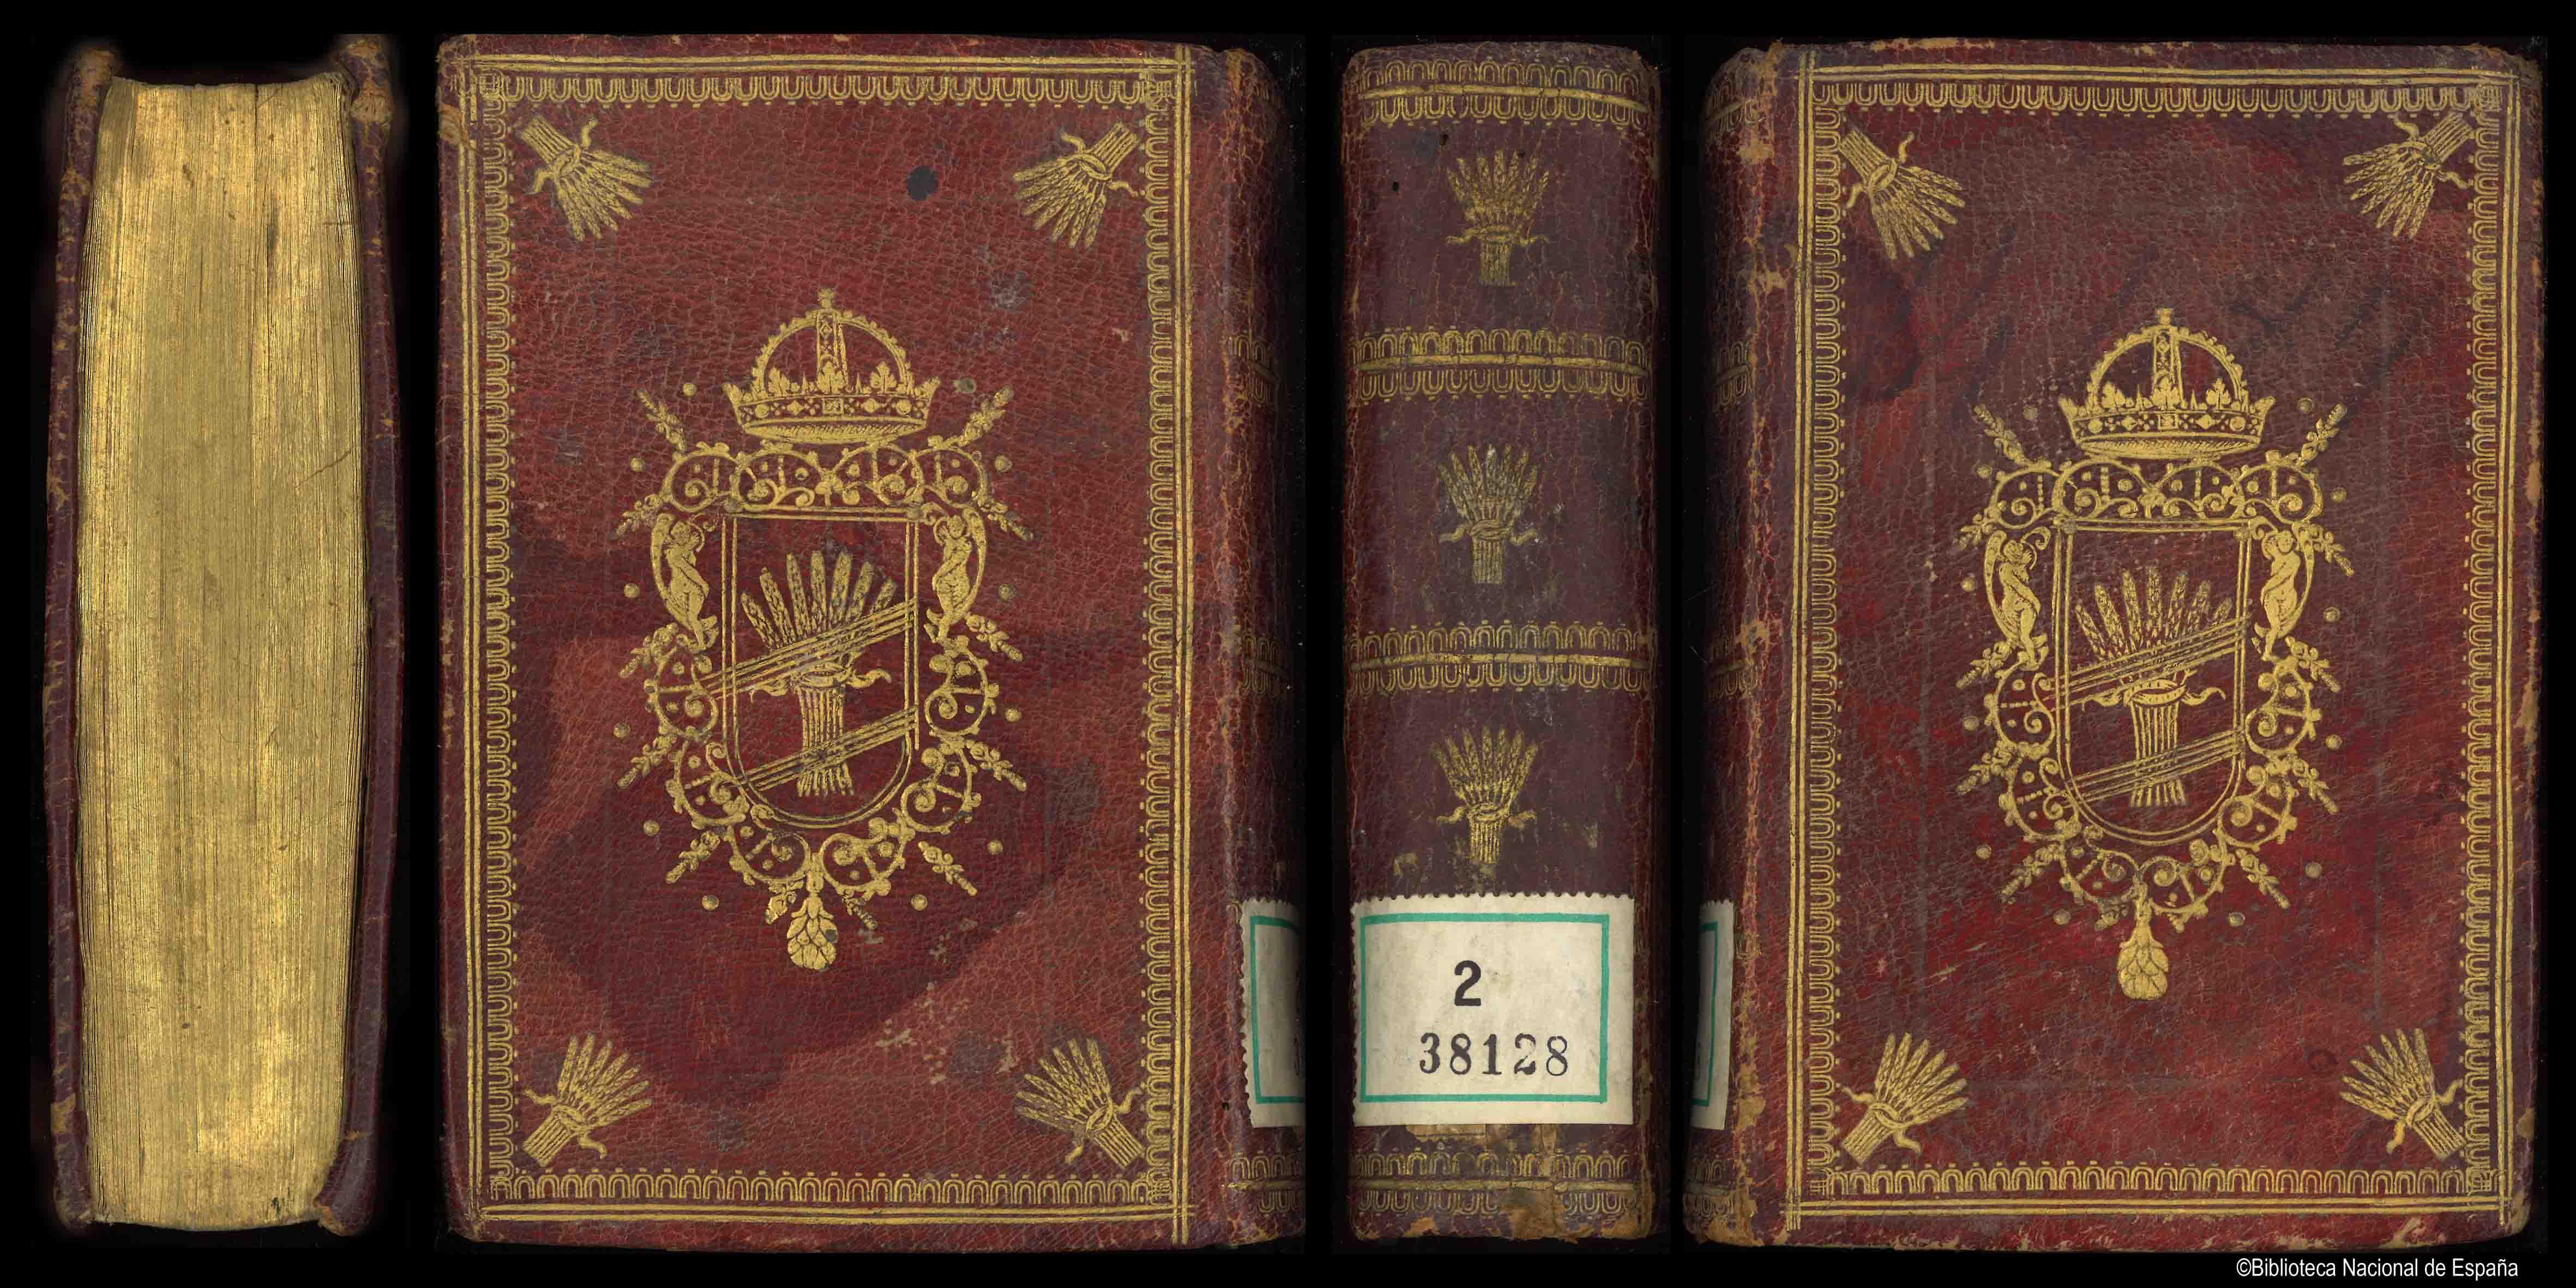 Encuadernación heráldica en tafilete rojo con ambos planos enmarcados por una orla dorada ; en las esquinas y en el lomo, hierros dorados en forma de gavillas de trigo; en el centro escudo de armas de Cristina, Reina de Suecia